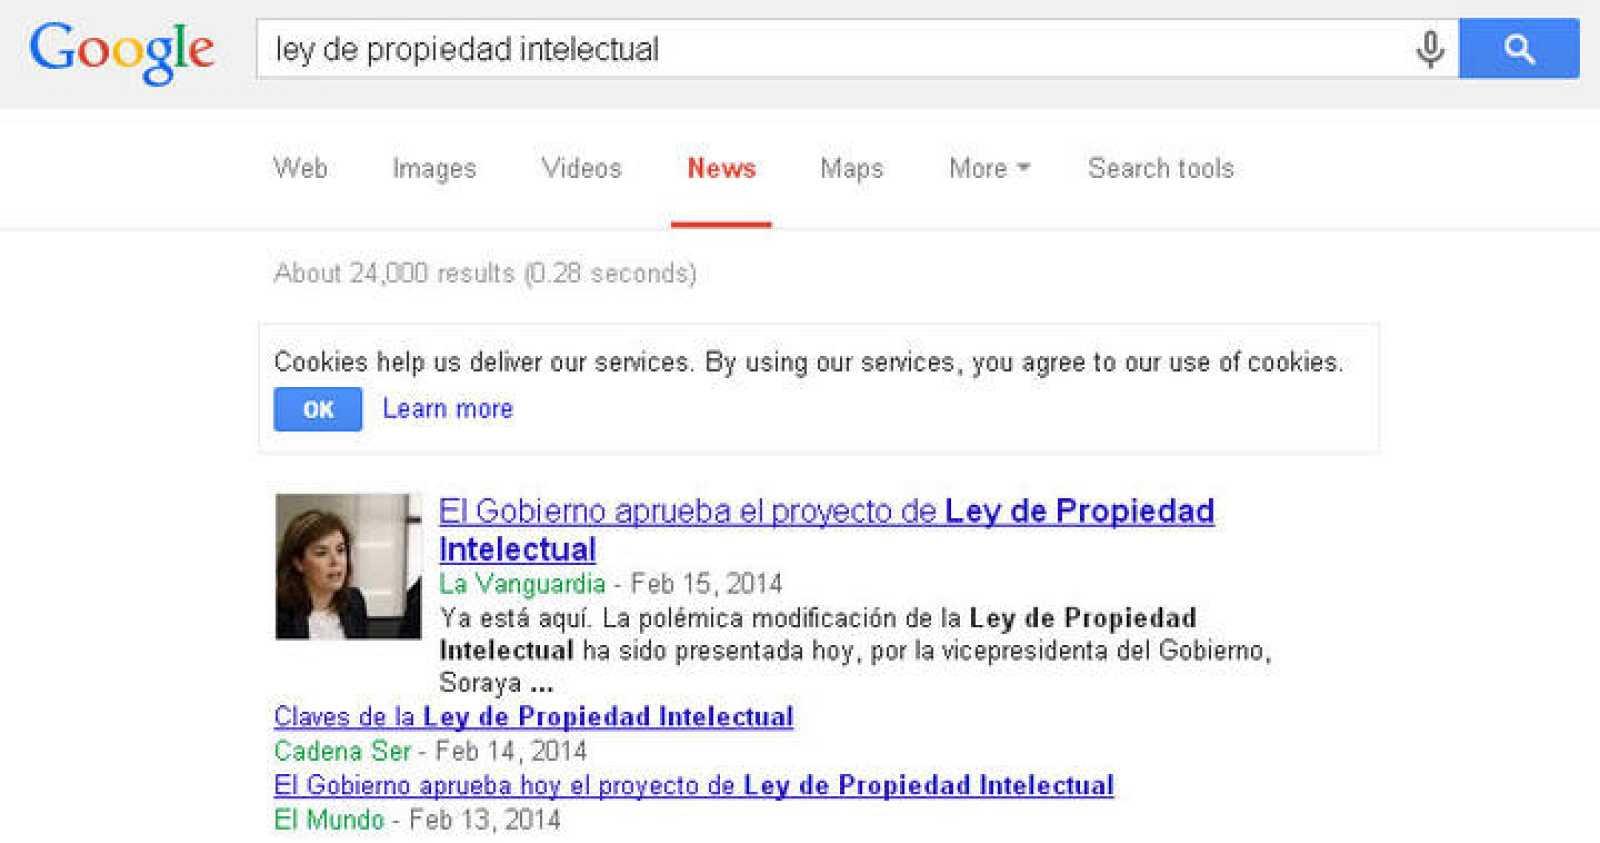 Página de resultados del servicio de noticias de Google.